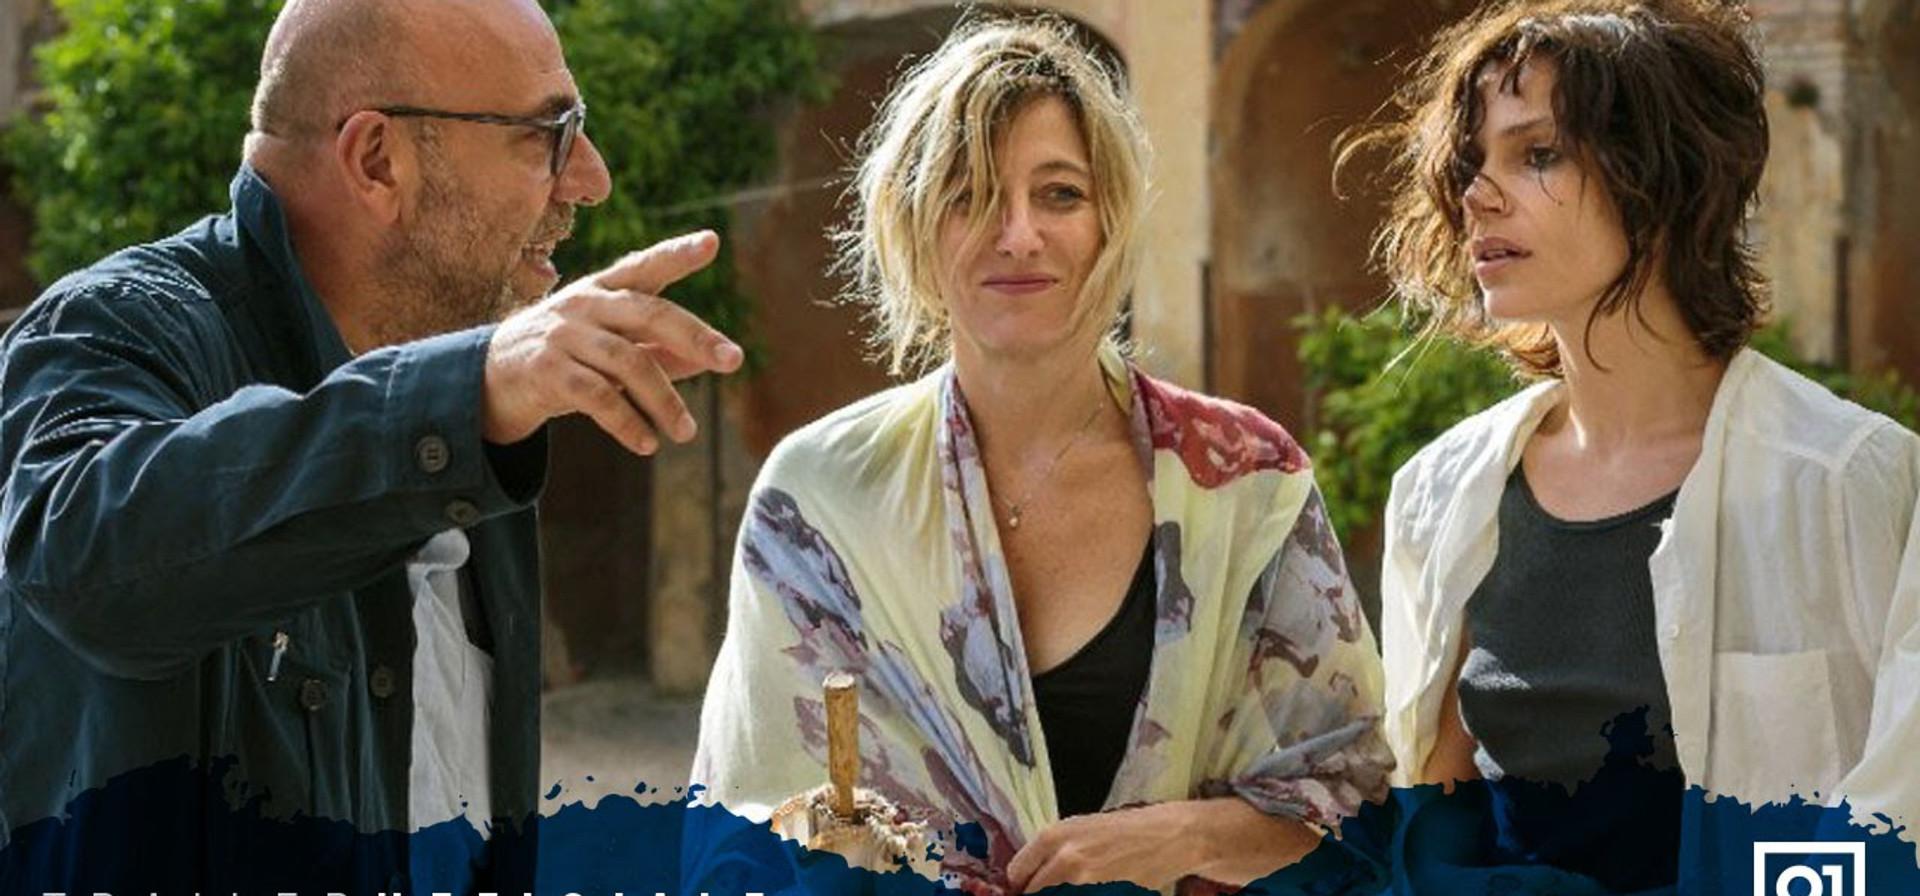 La Pazza Gioia un film di Paolo Virzì